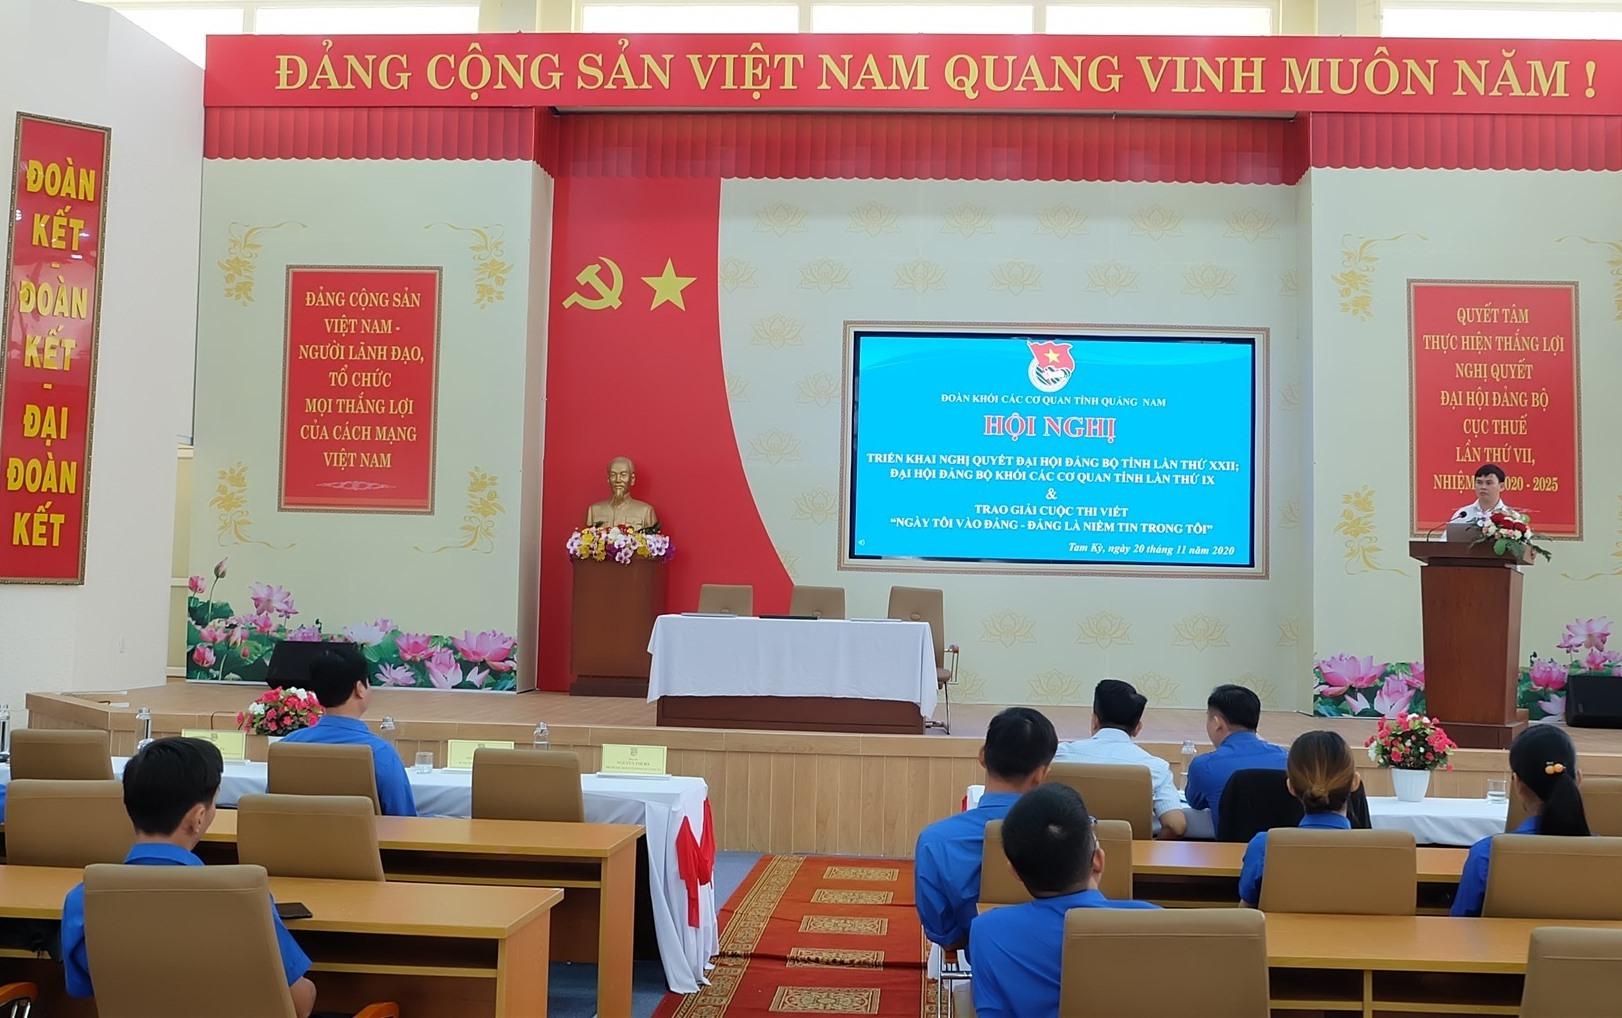 Tuổi trẻ Khối các cơ quan tỉnh học tập nghị quyết đại hội Đảng các cấp